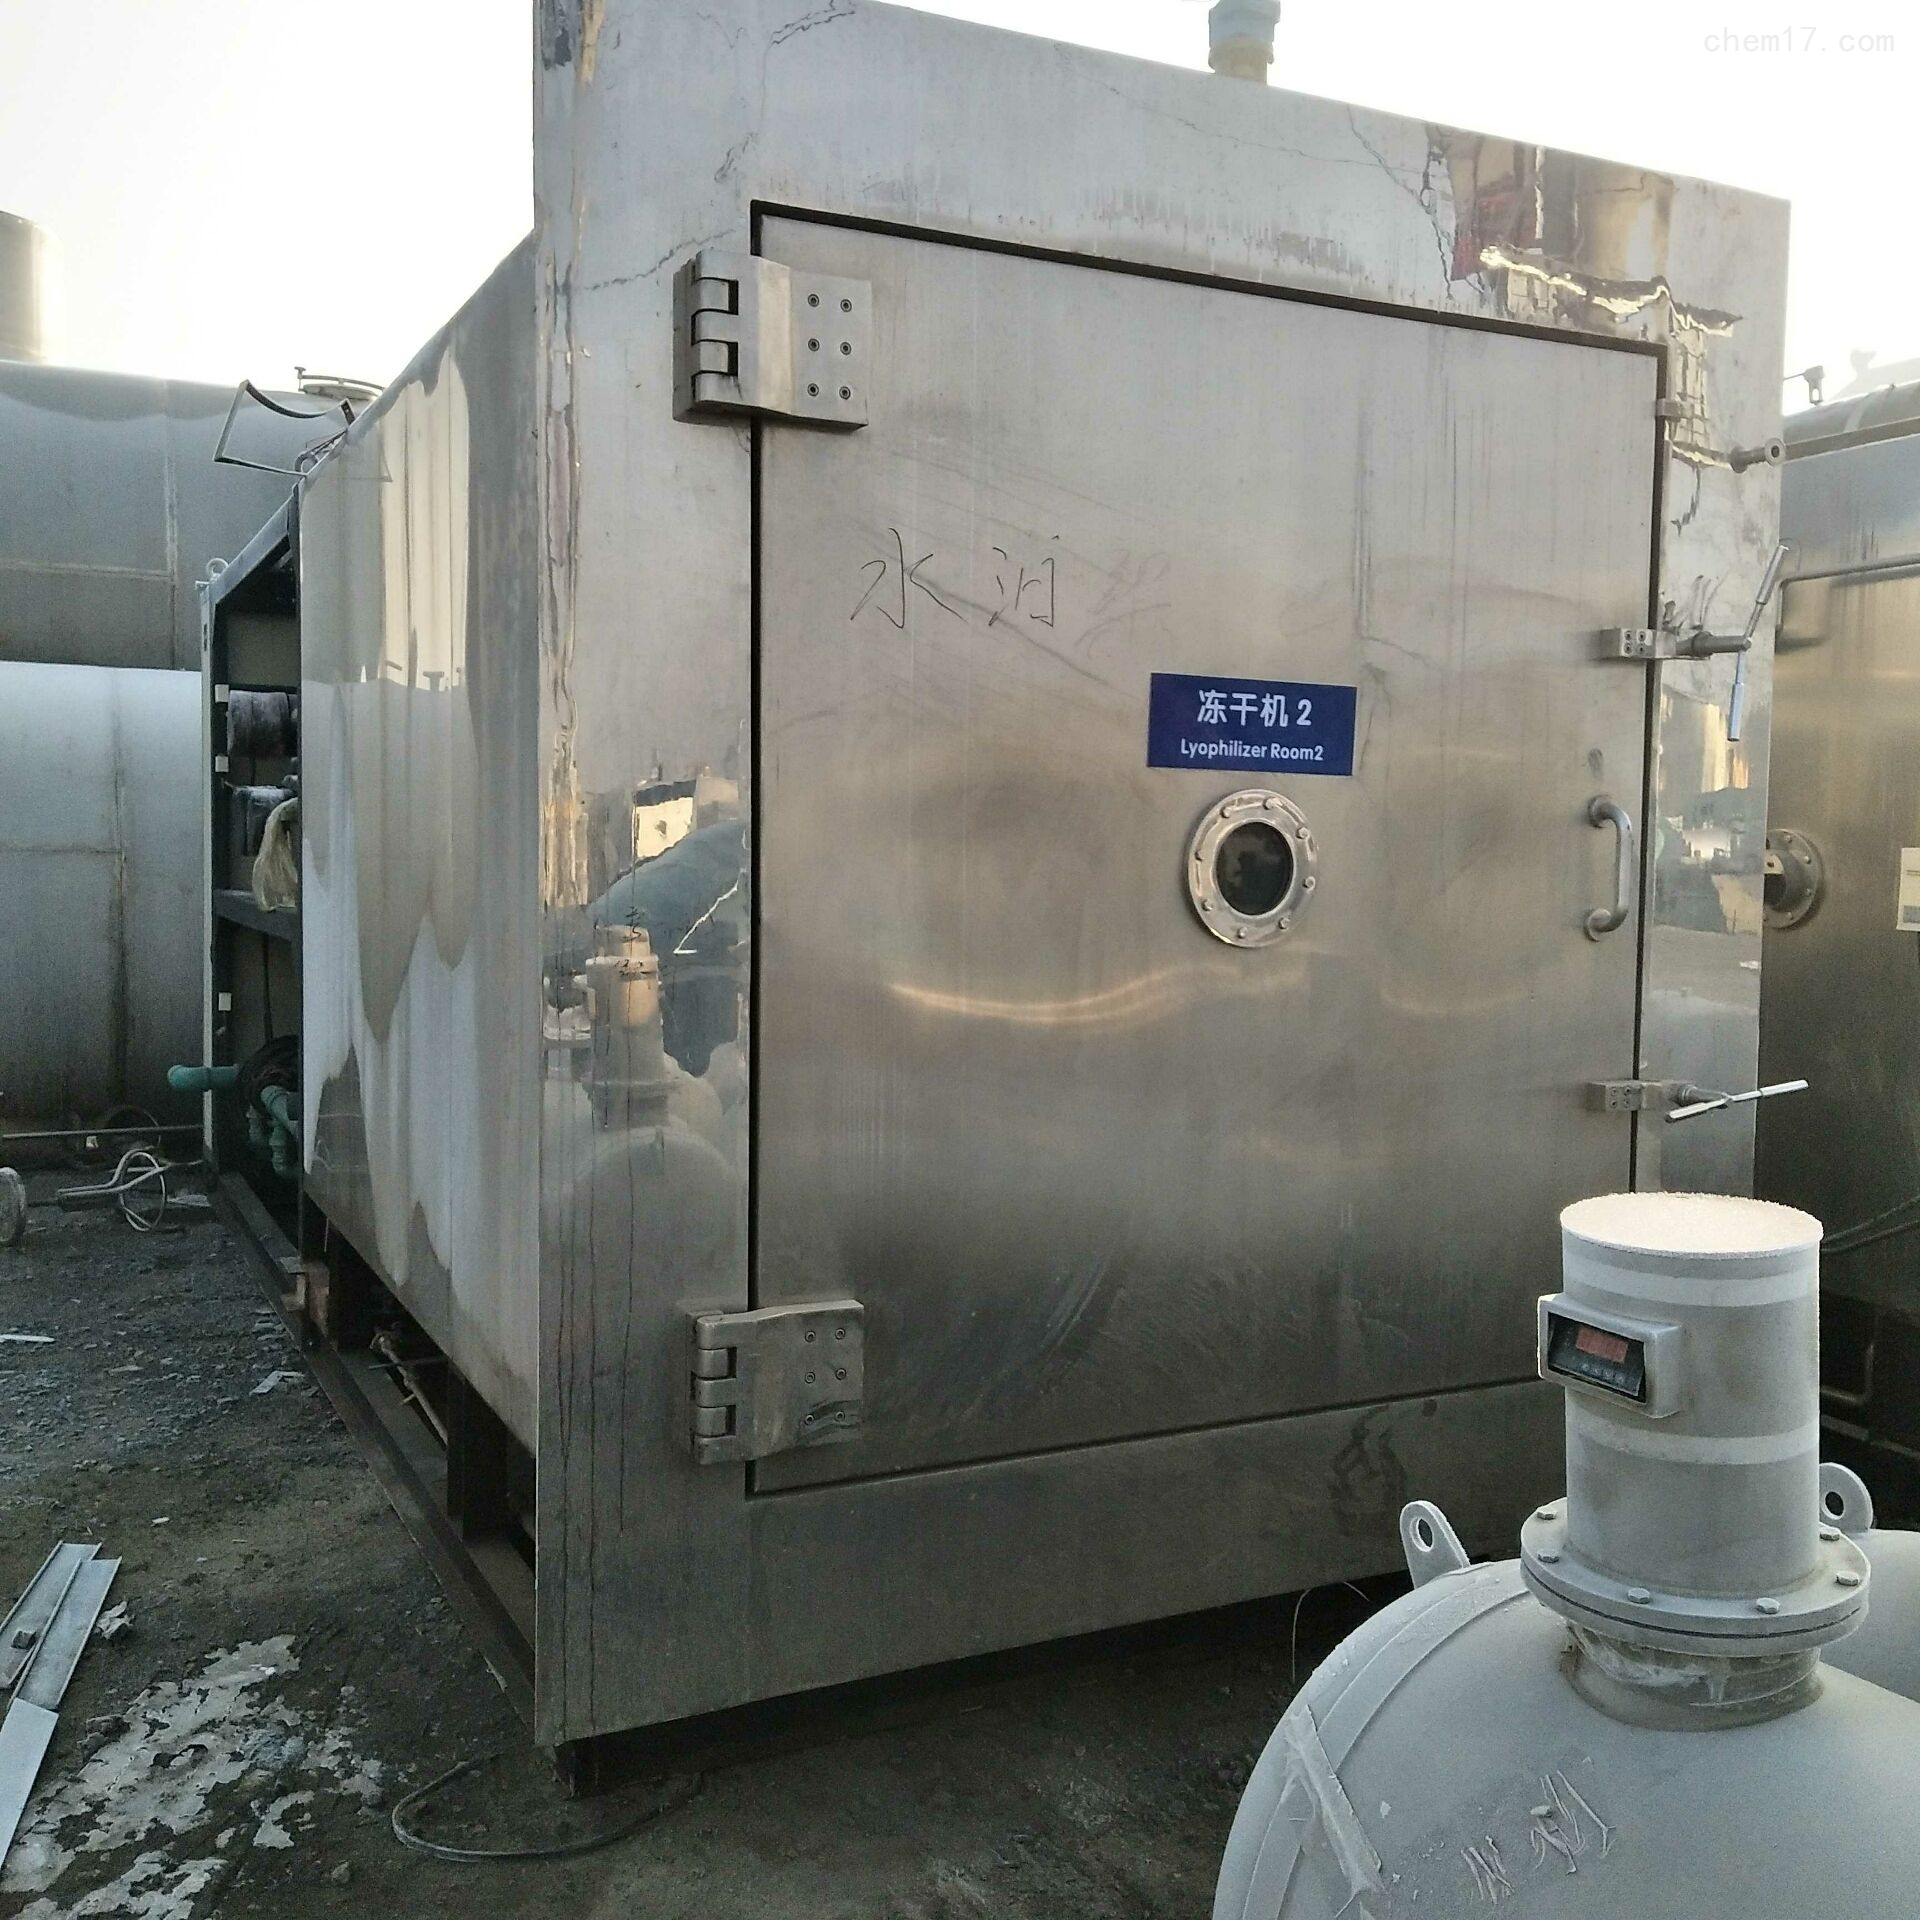 低价出售几台二手真空冷冻干燥机